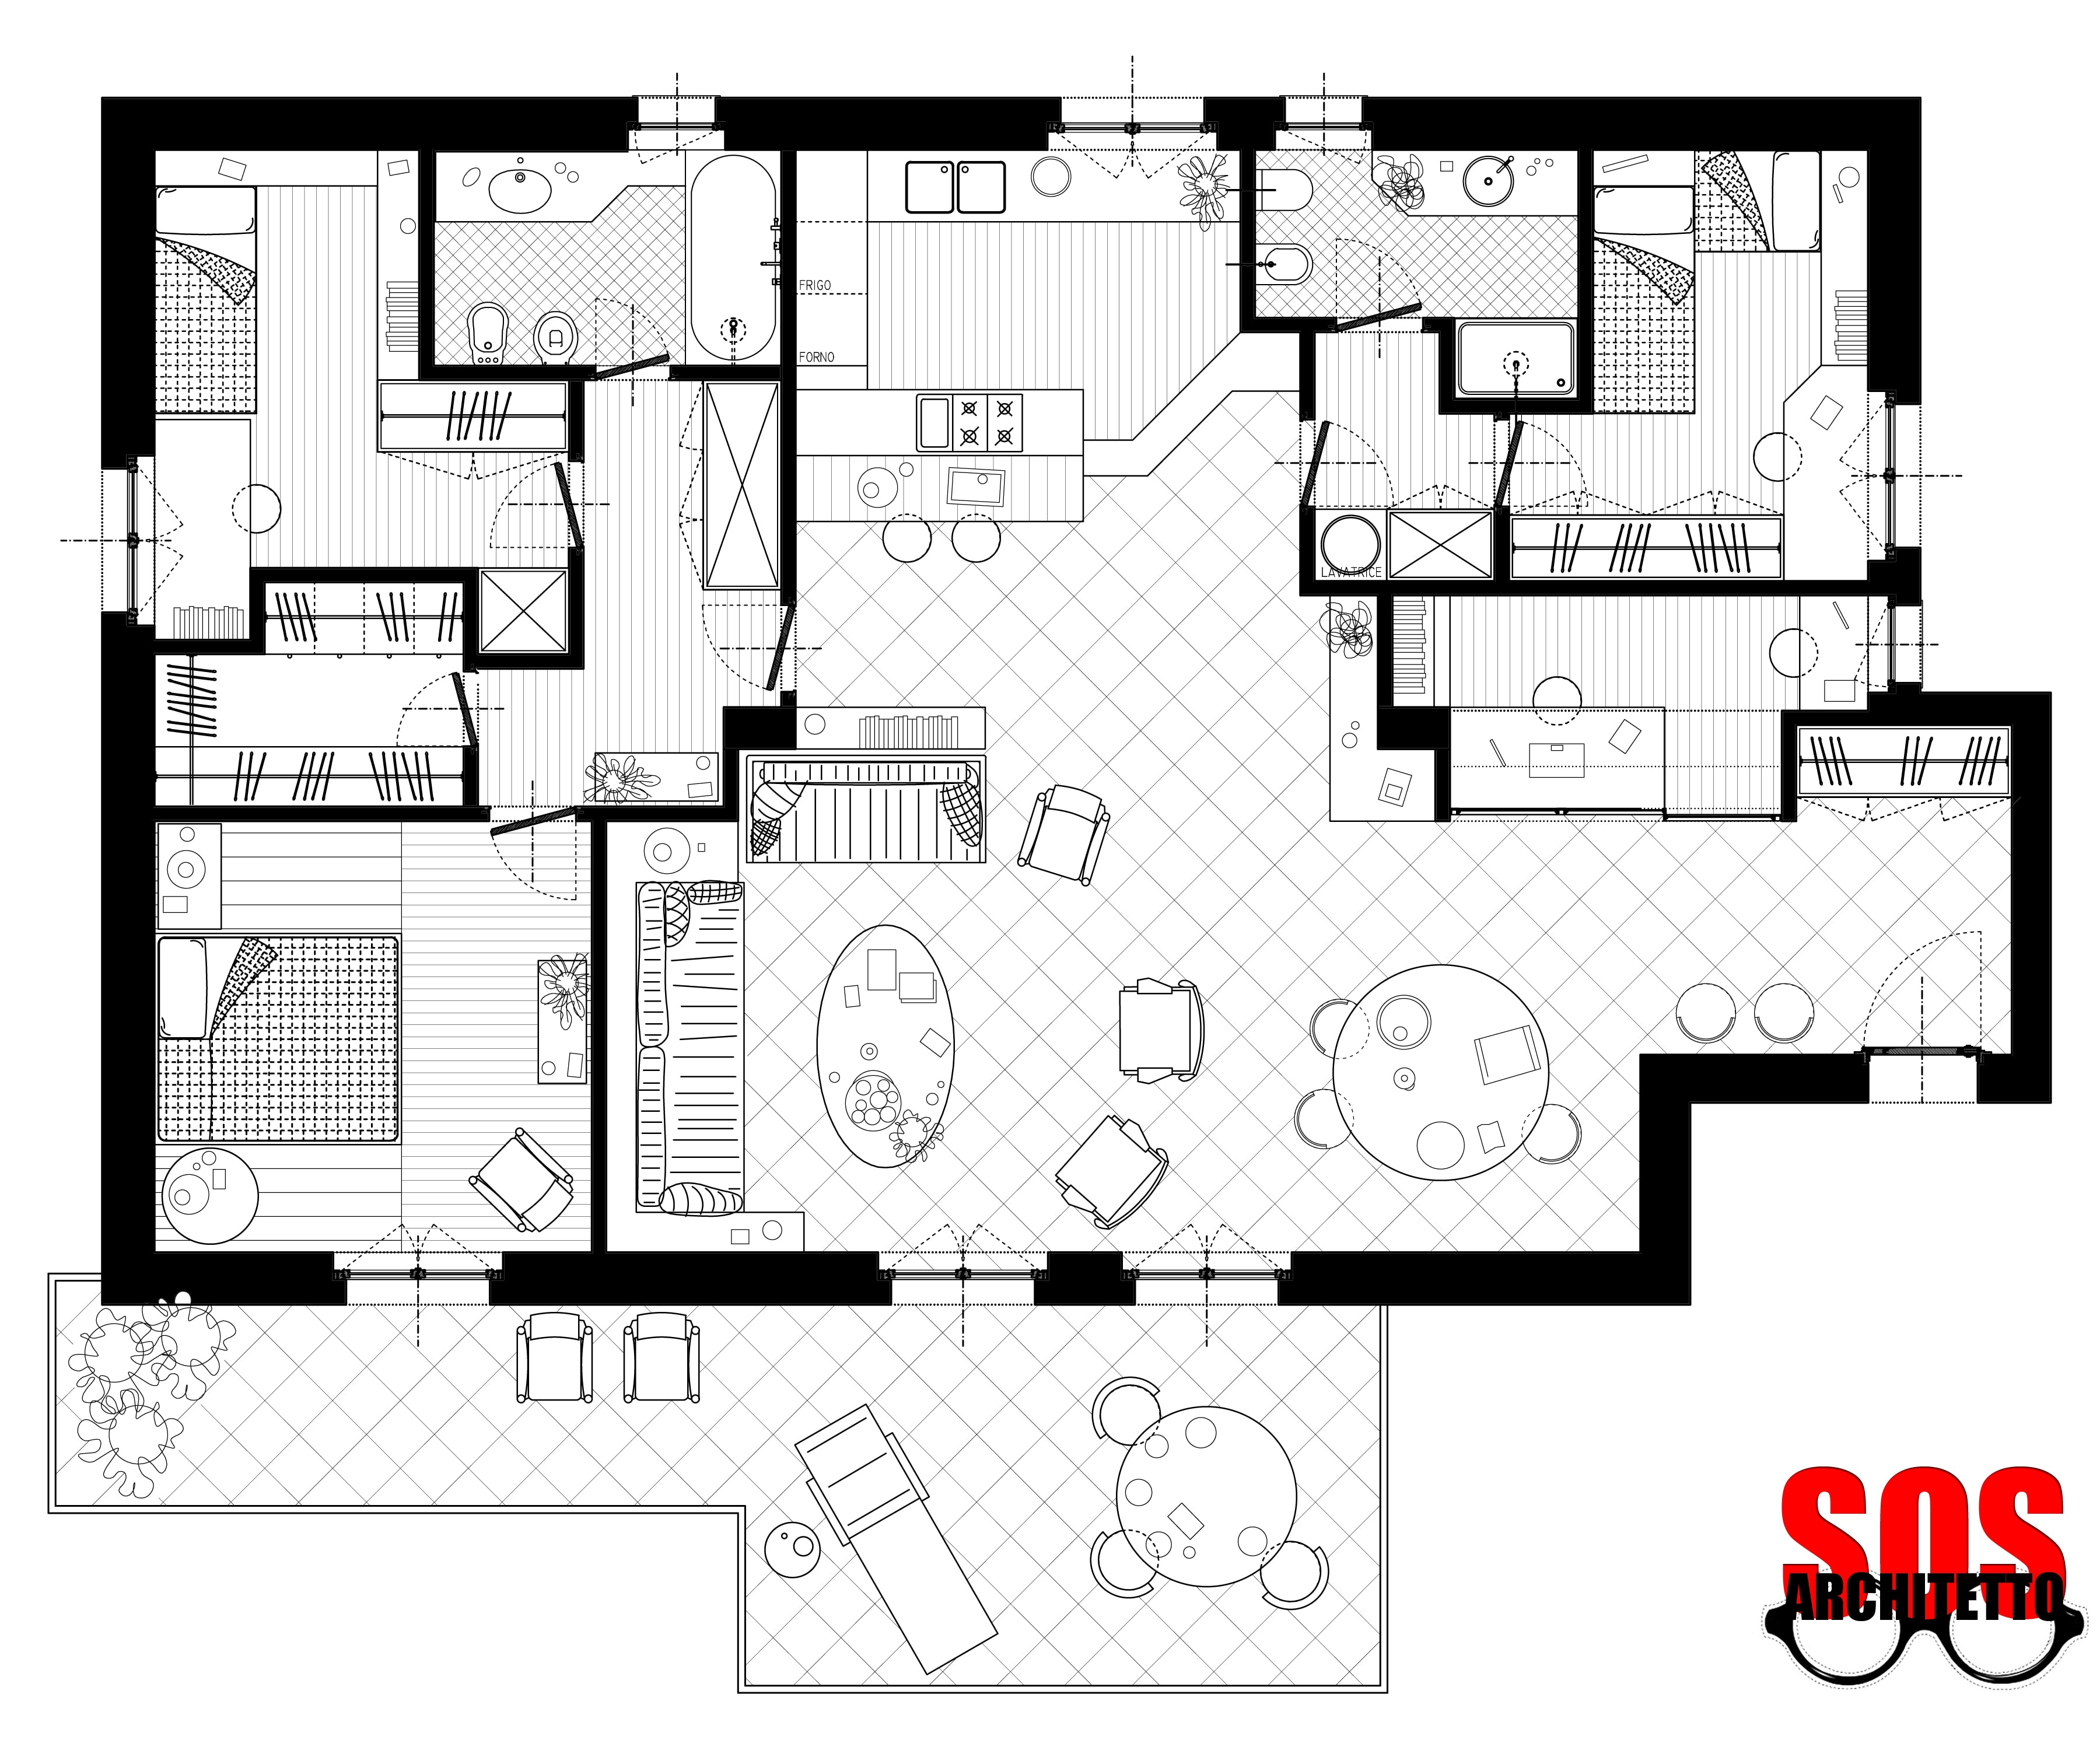 Progettare armadio online idee per la casa for Progetto ristrutturazione casa gratis